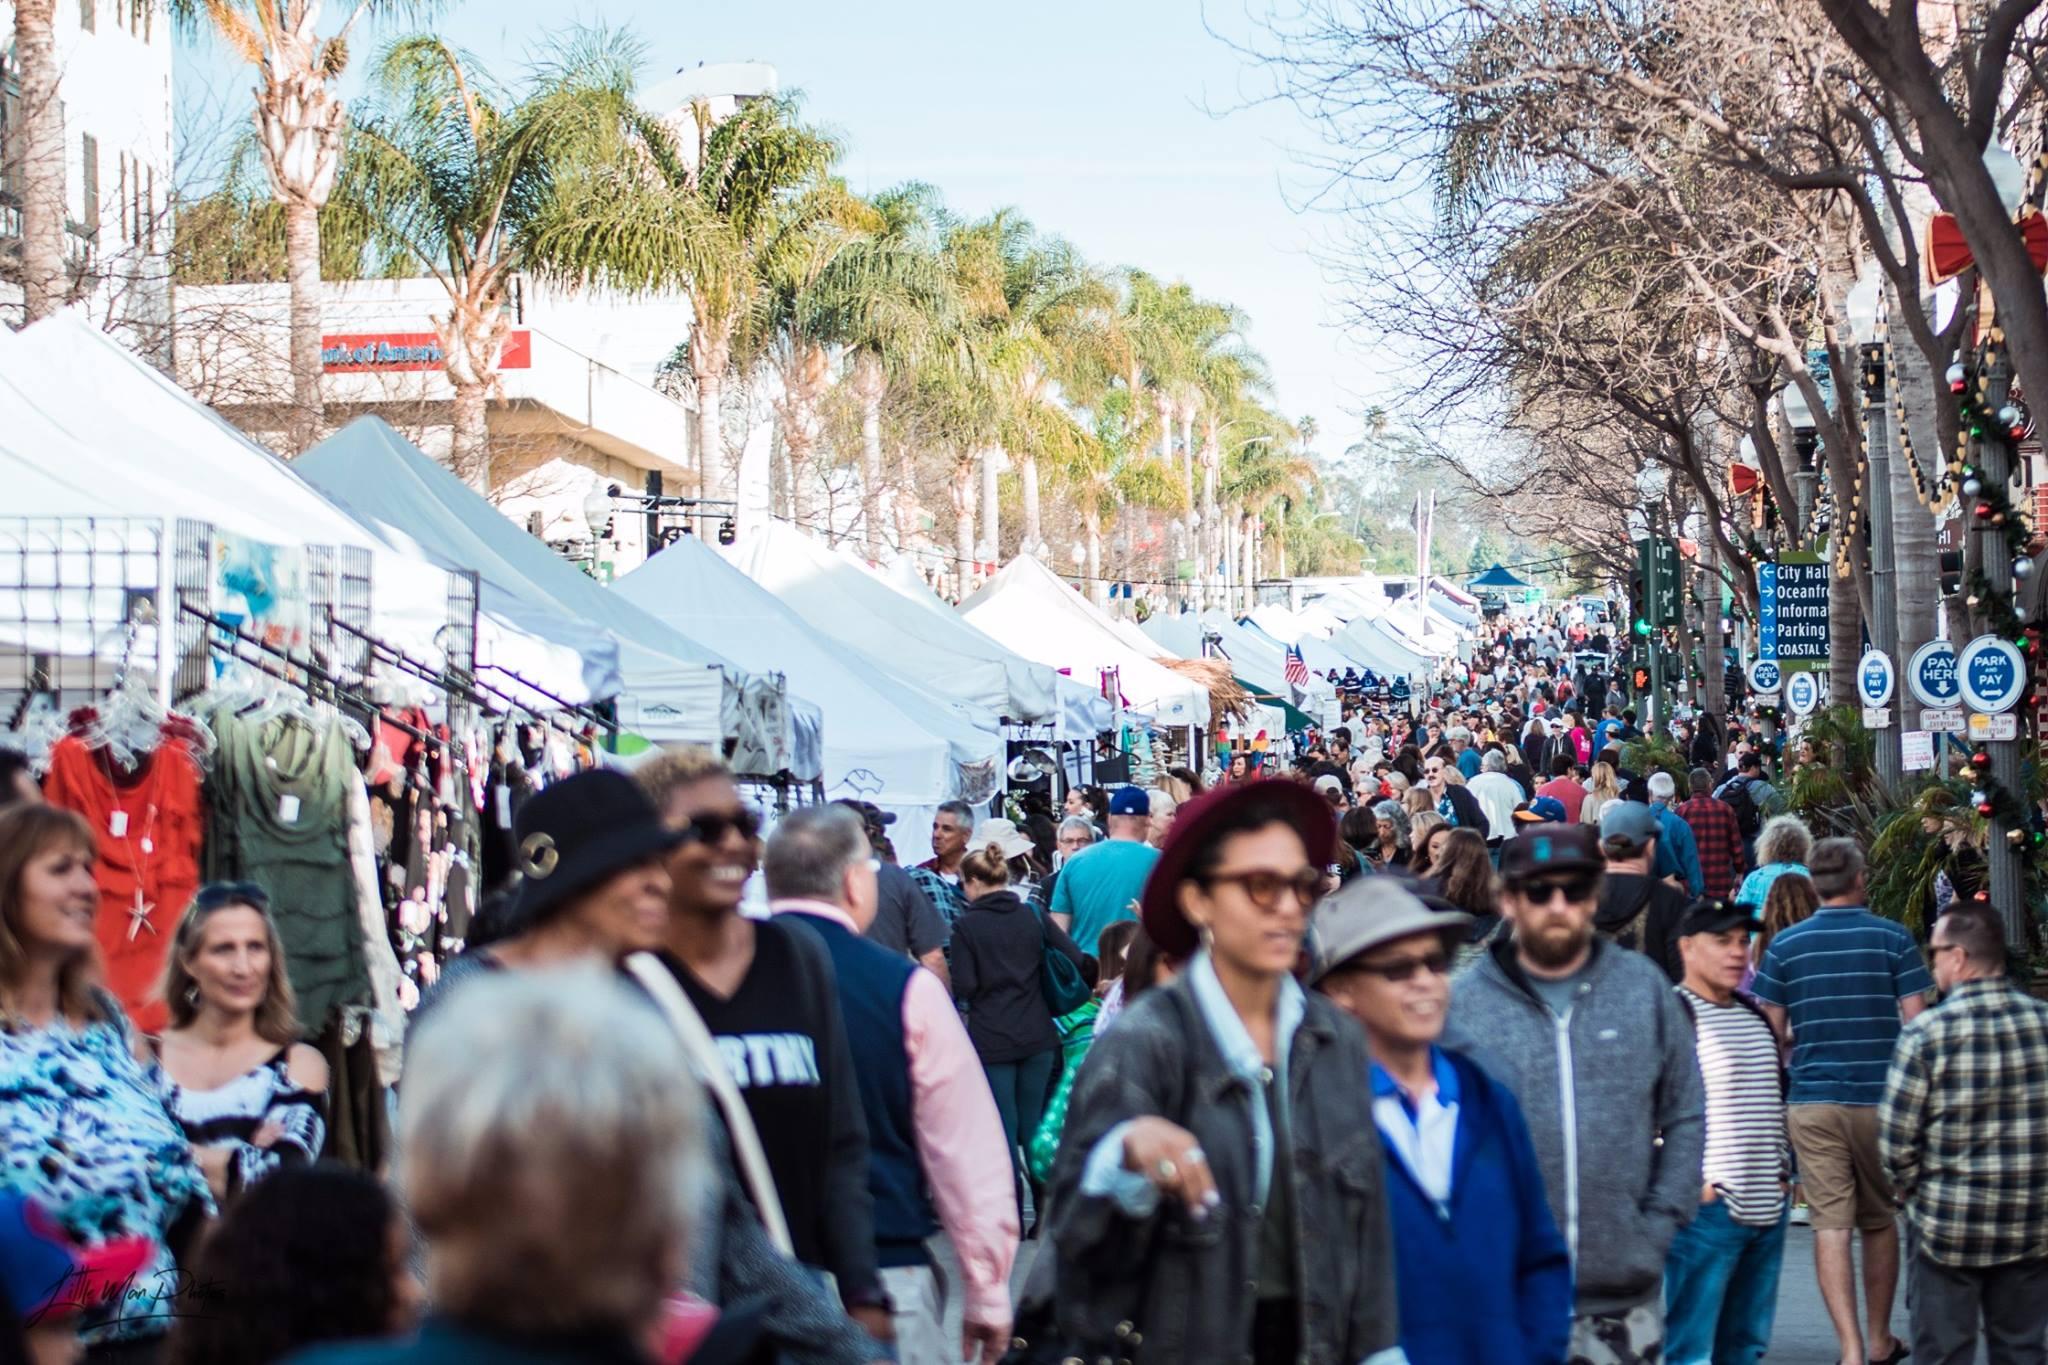 Ventura Holiday Street Fair